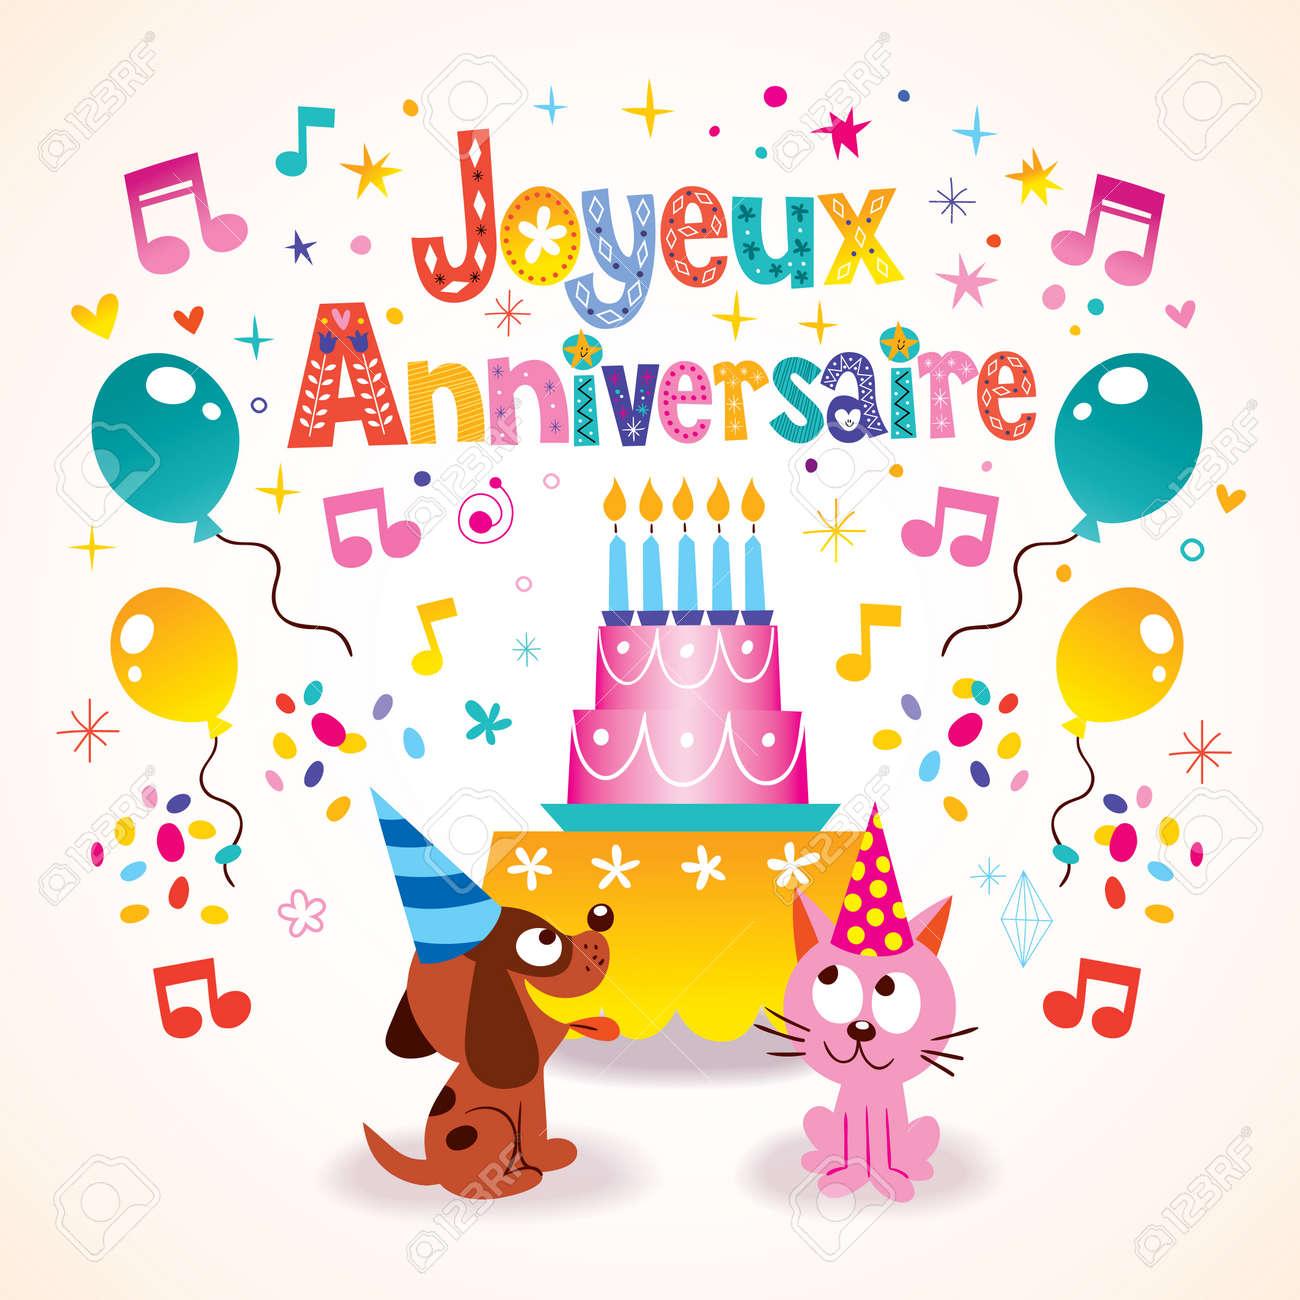 Joyeux Anniversaire Joyeux Anniversaire Chez Les Enfants Français ...